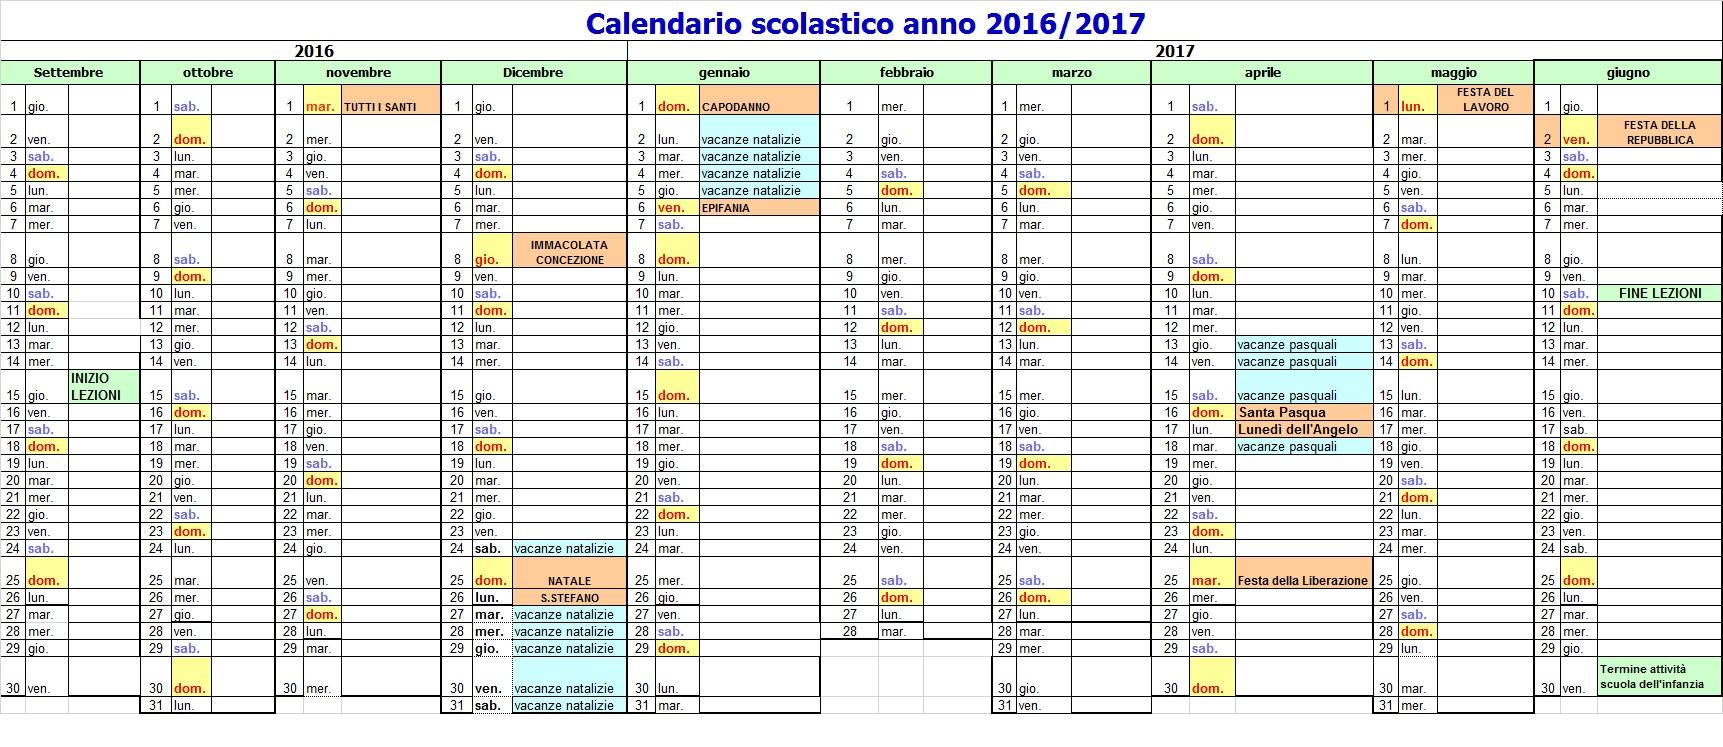 Pronto il nuovo calendario scolastico 2016/2017, confermato l'inizio ...